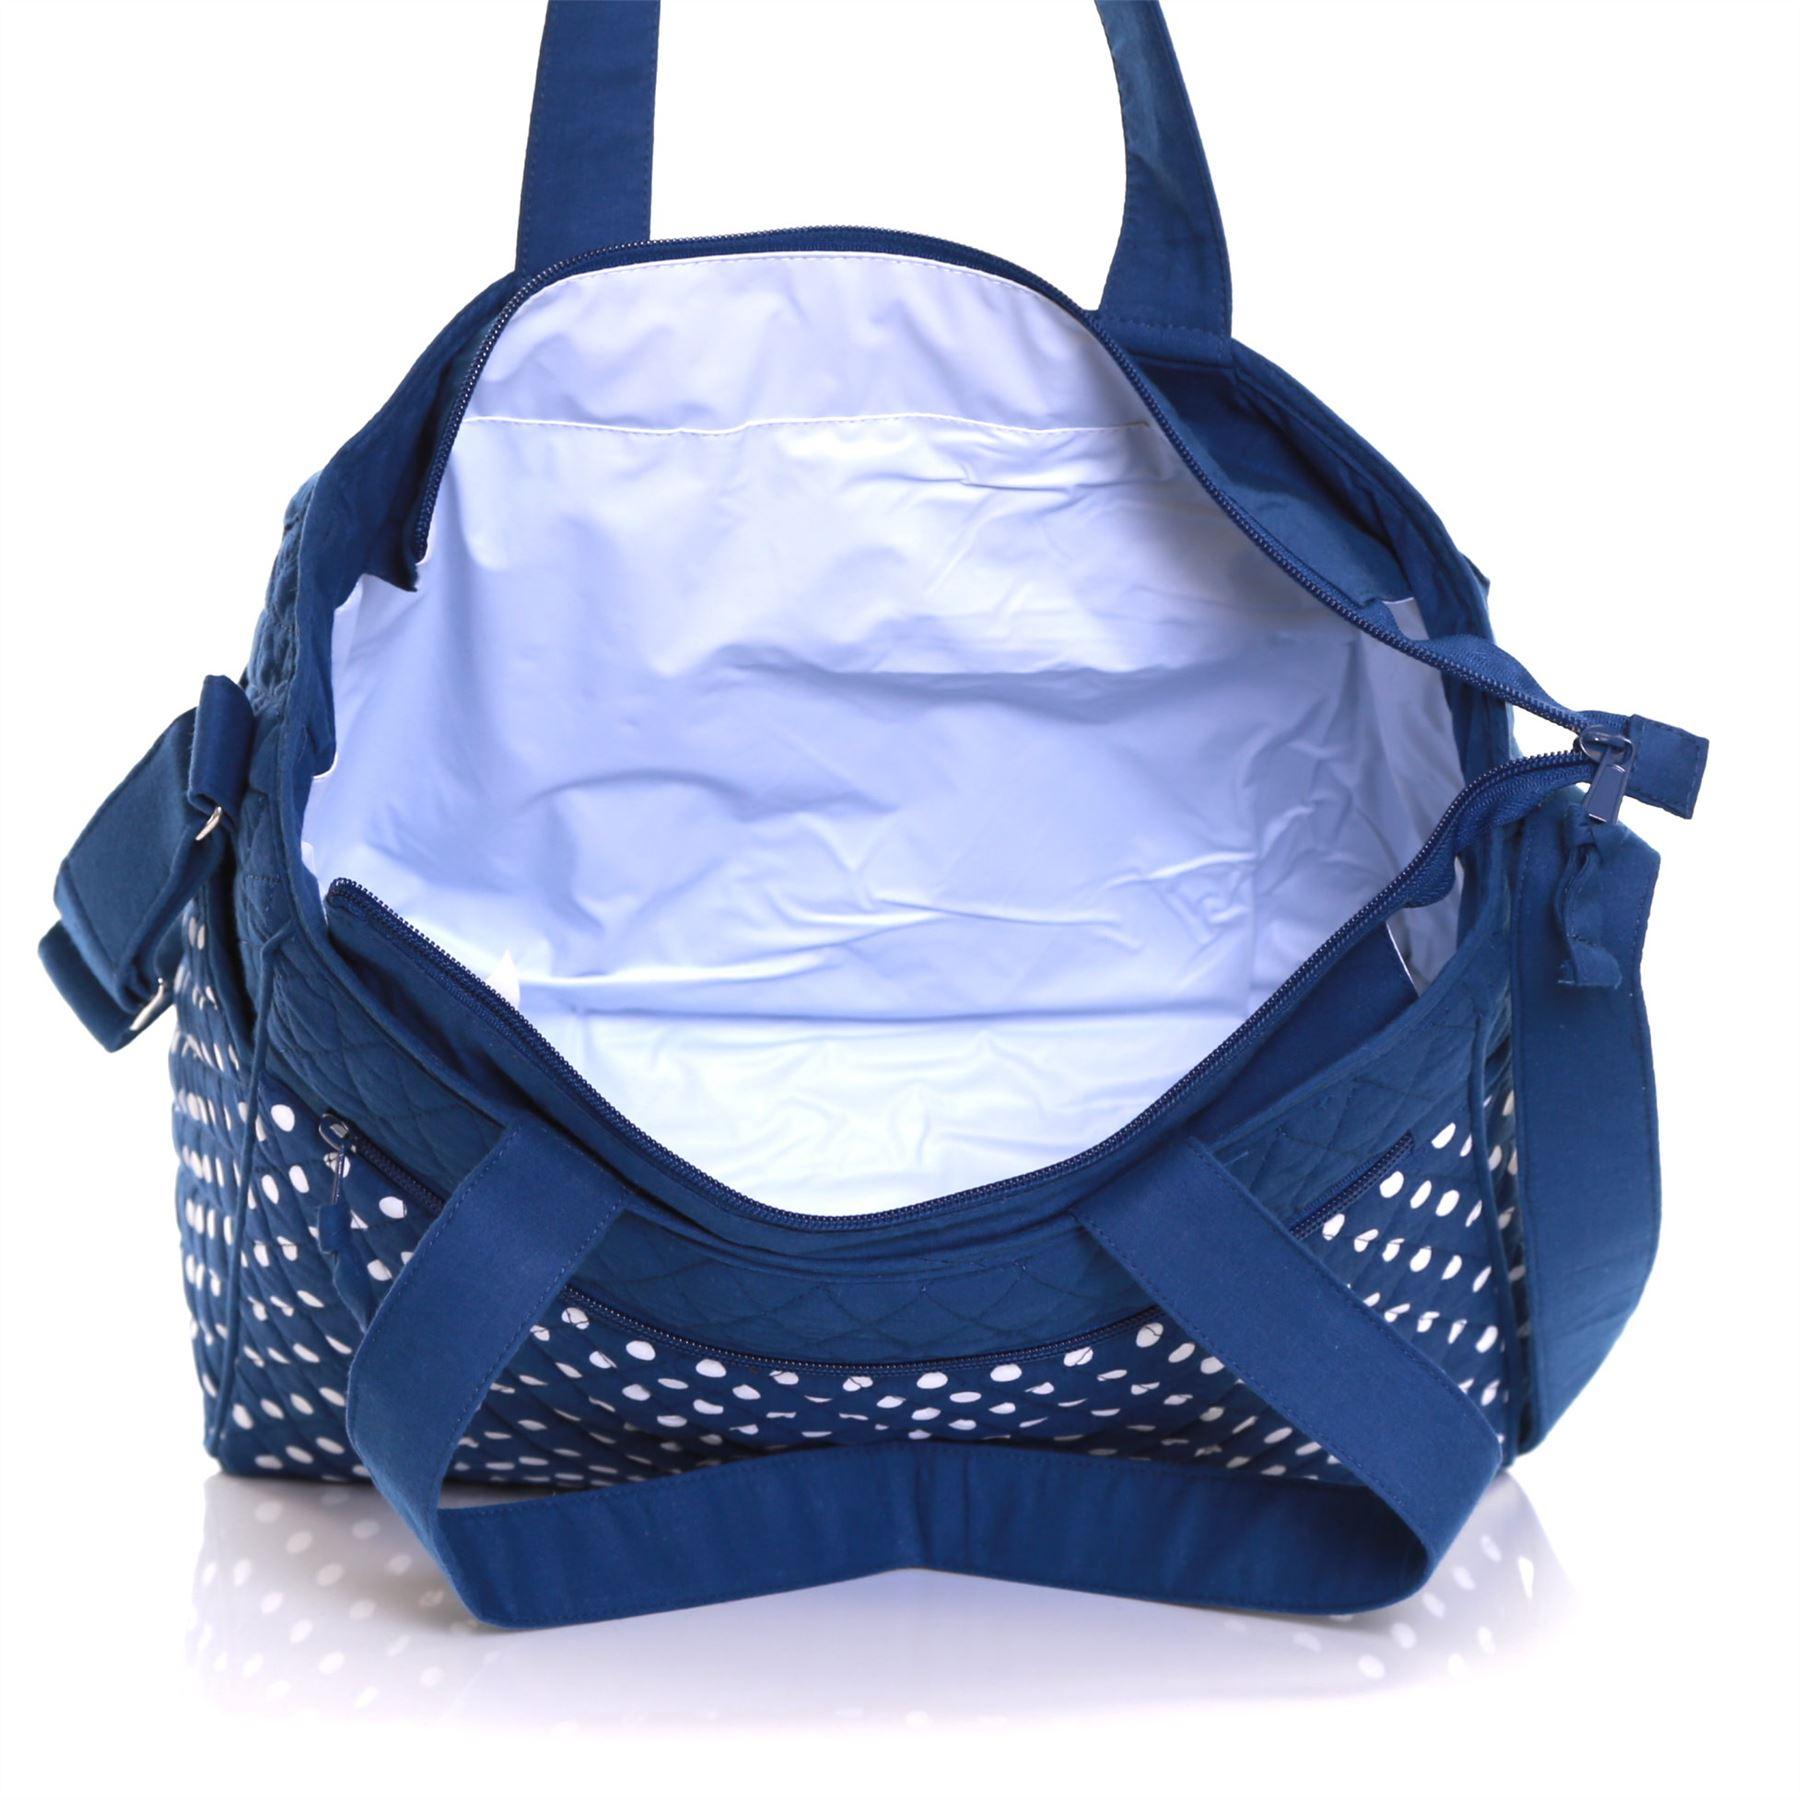 Mummy Maternity Diaper Baby Handbag Tote Wipe Clean Bag ...